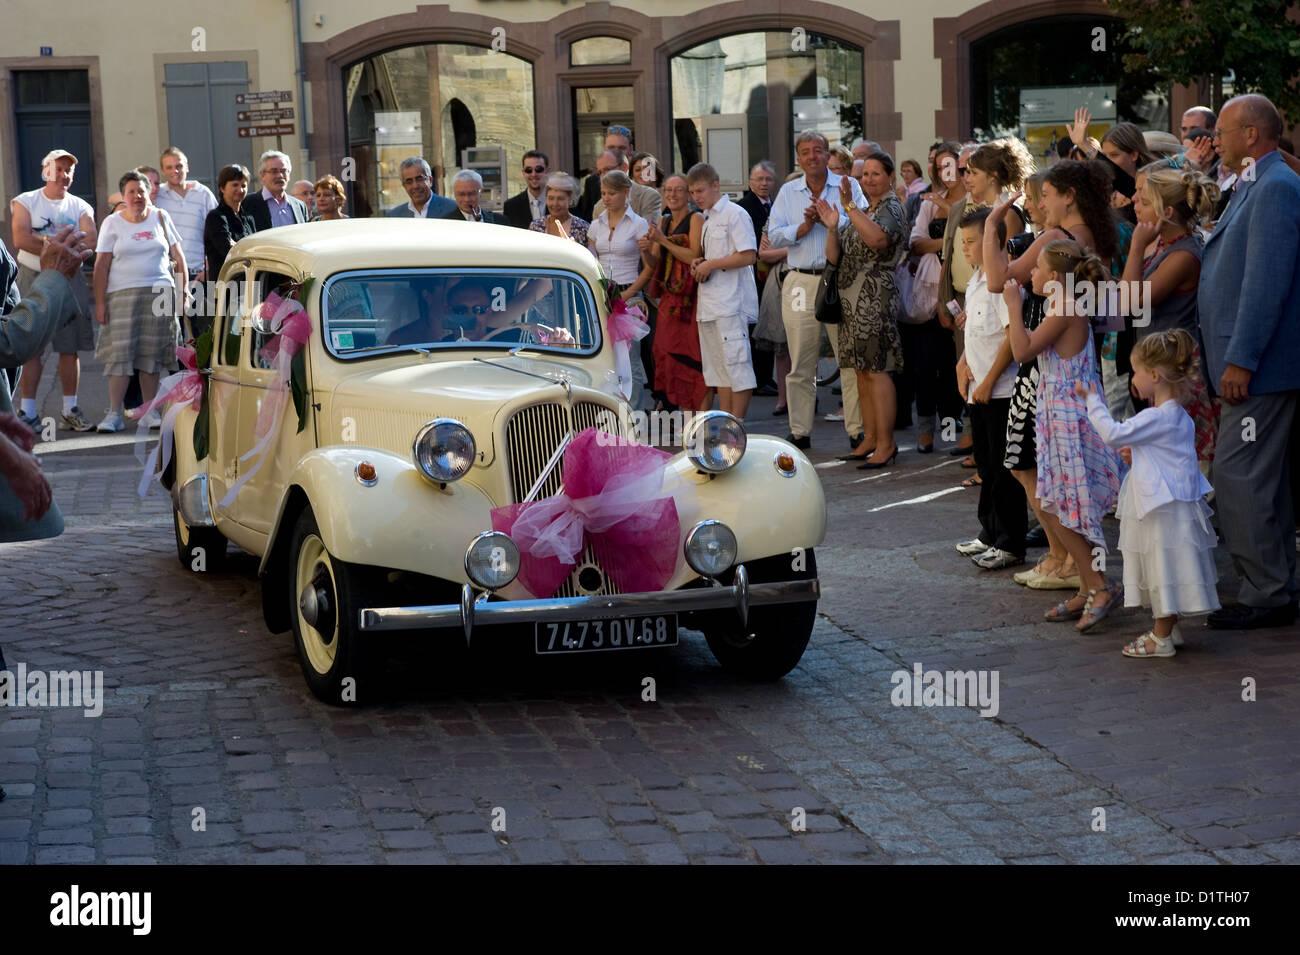 Car Rides Stock Photos & Car Rides Stock Images - Alamy